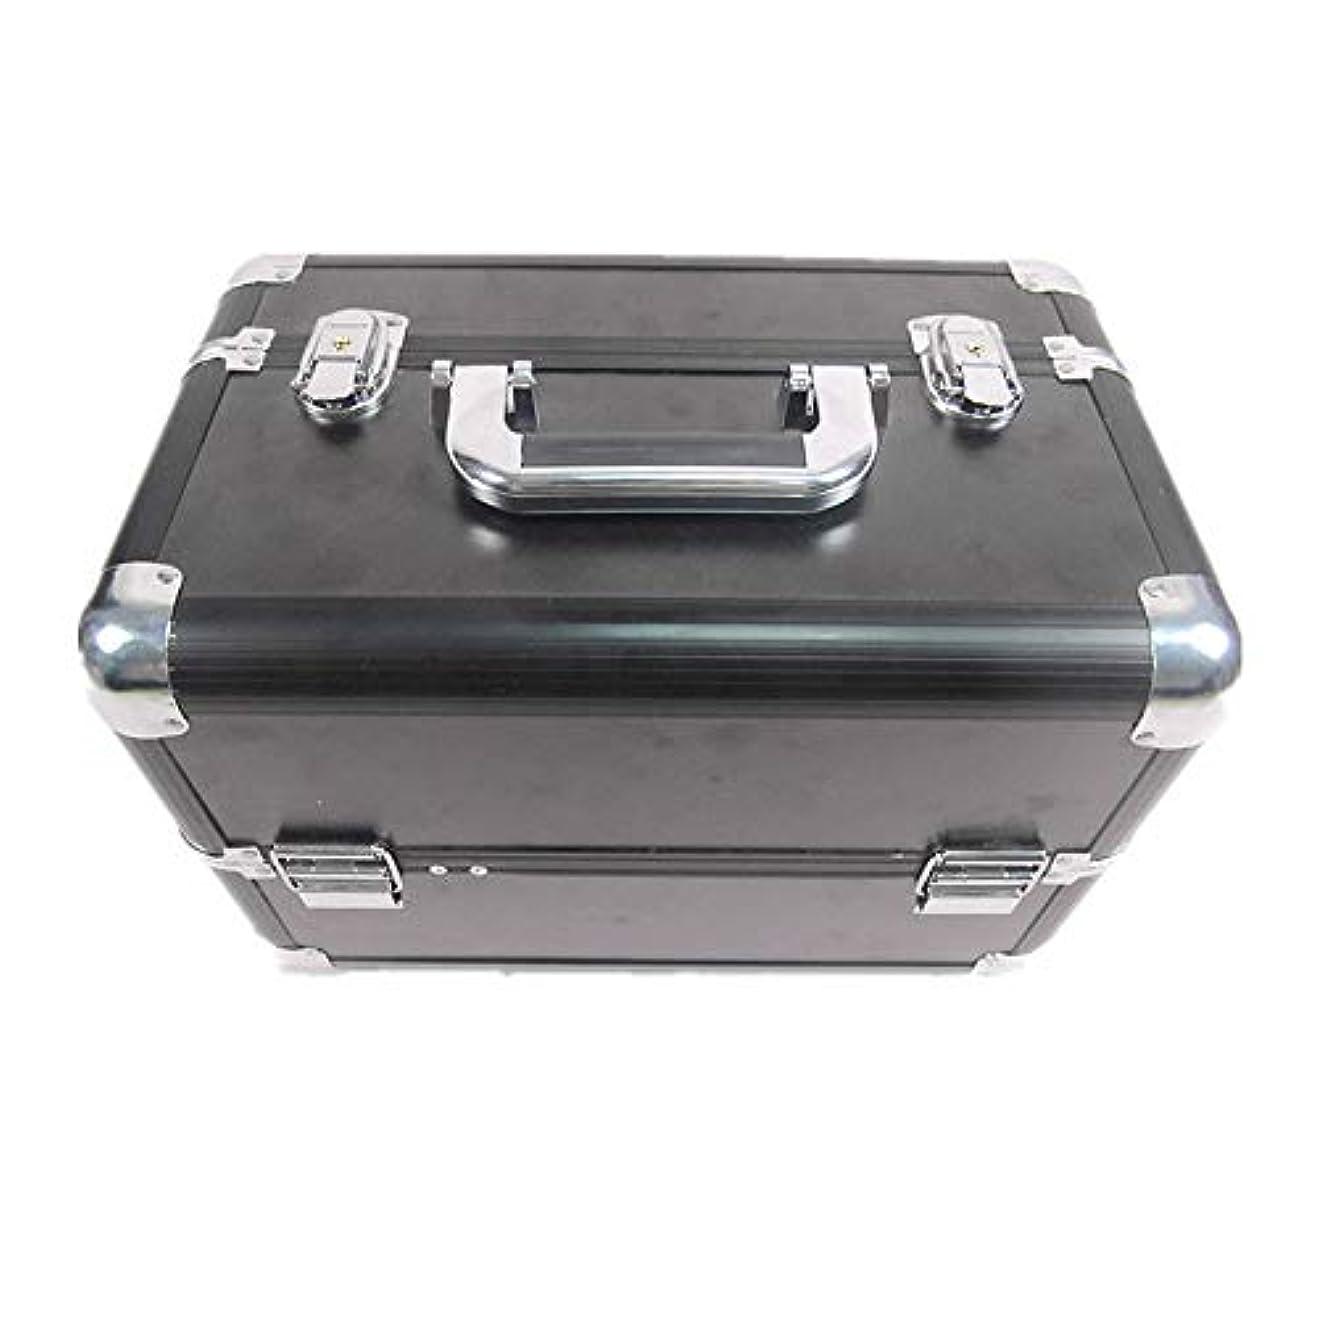 マイコン浅いコーデリア化粧オーガナイザーバッグ 大容量ポータブル化粧ケース(トラベルアクセサリー用)シャンプーボディウォッシュパーソナルアイテム収納トレイ(エクステンショントレイ付) 化粧品ケース